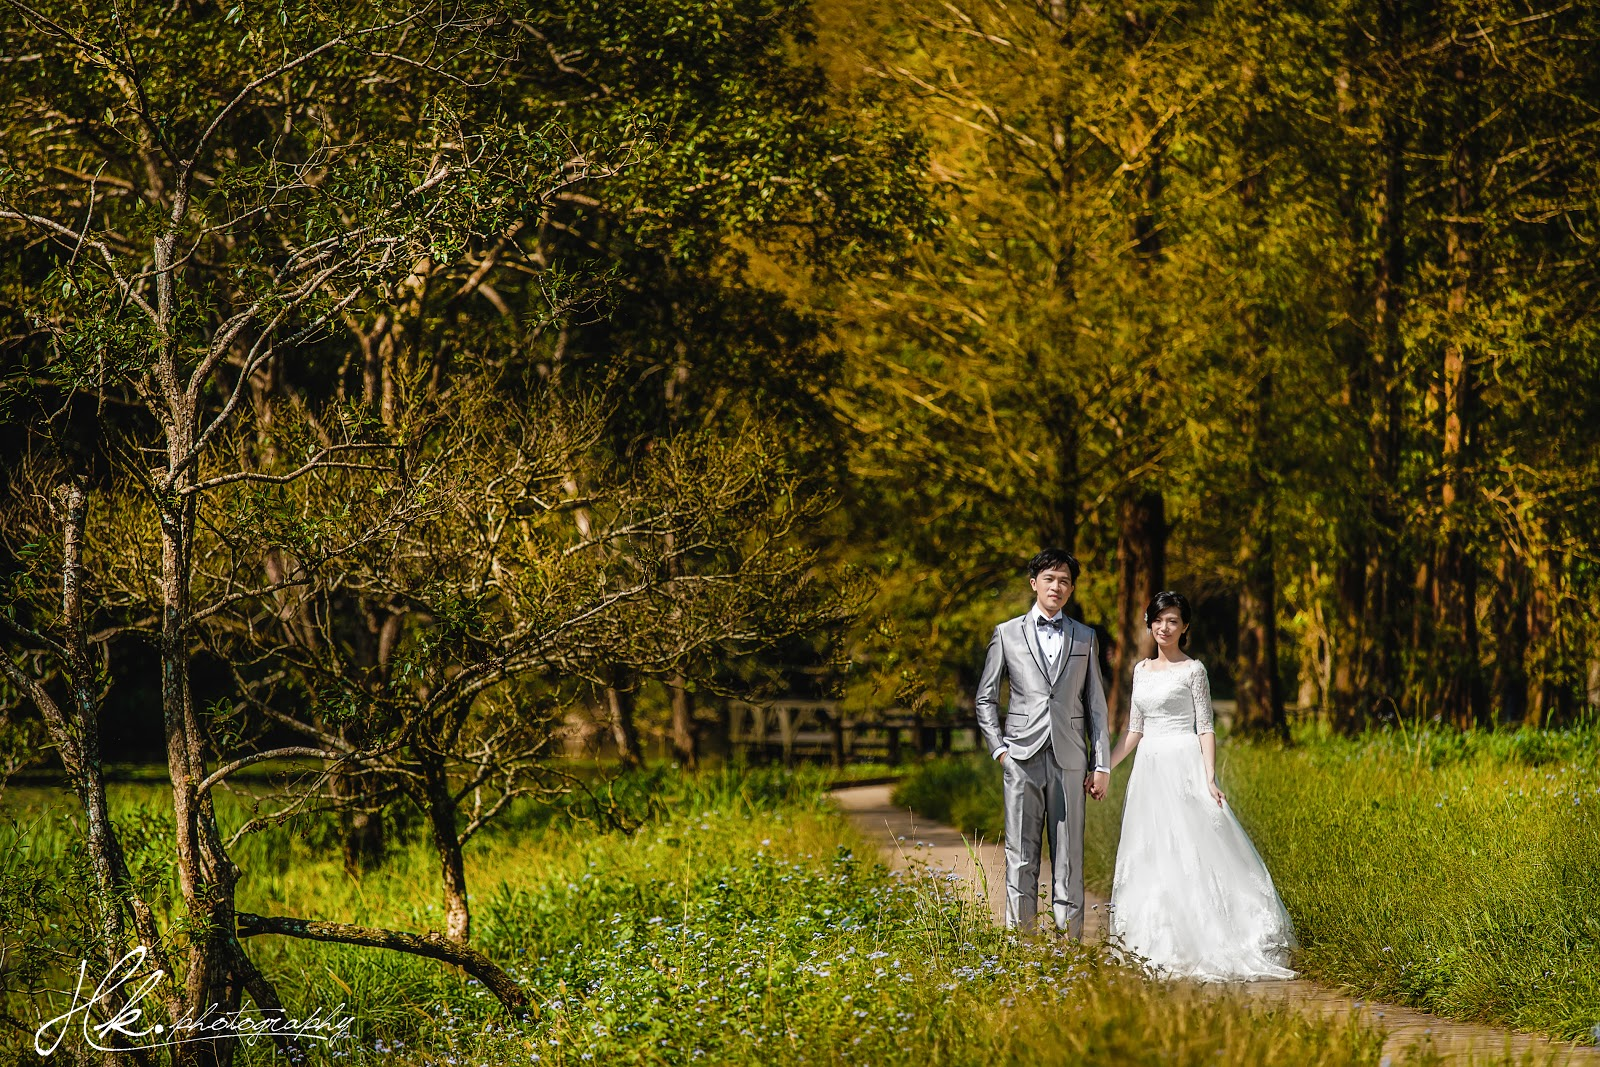 婚攝,自助婚紗, 宜蘭婚紗, 福山植物園婚紗, 台北婚紗推薦, 宜蘭設治紀念館, 台北貴婦百貨, 婚紗推薦, 小清新婚紗,